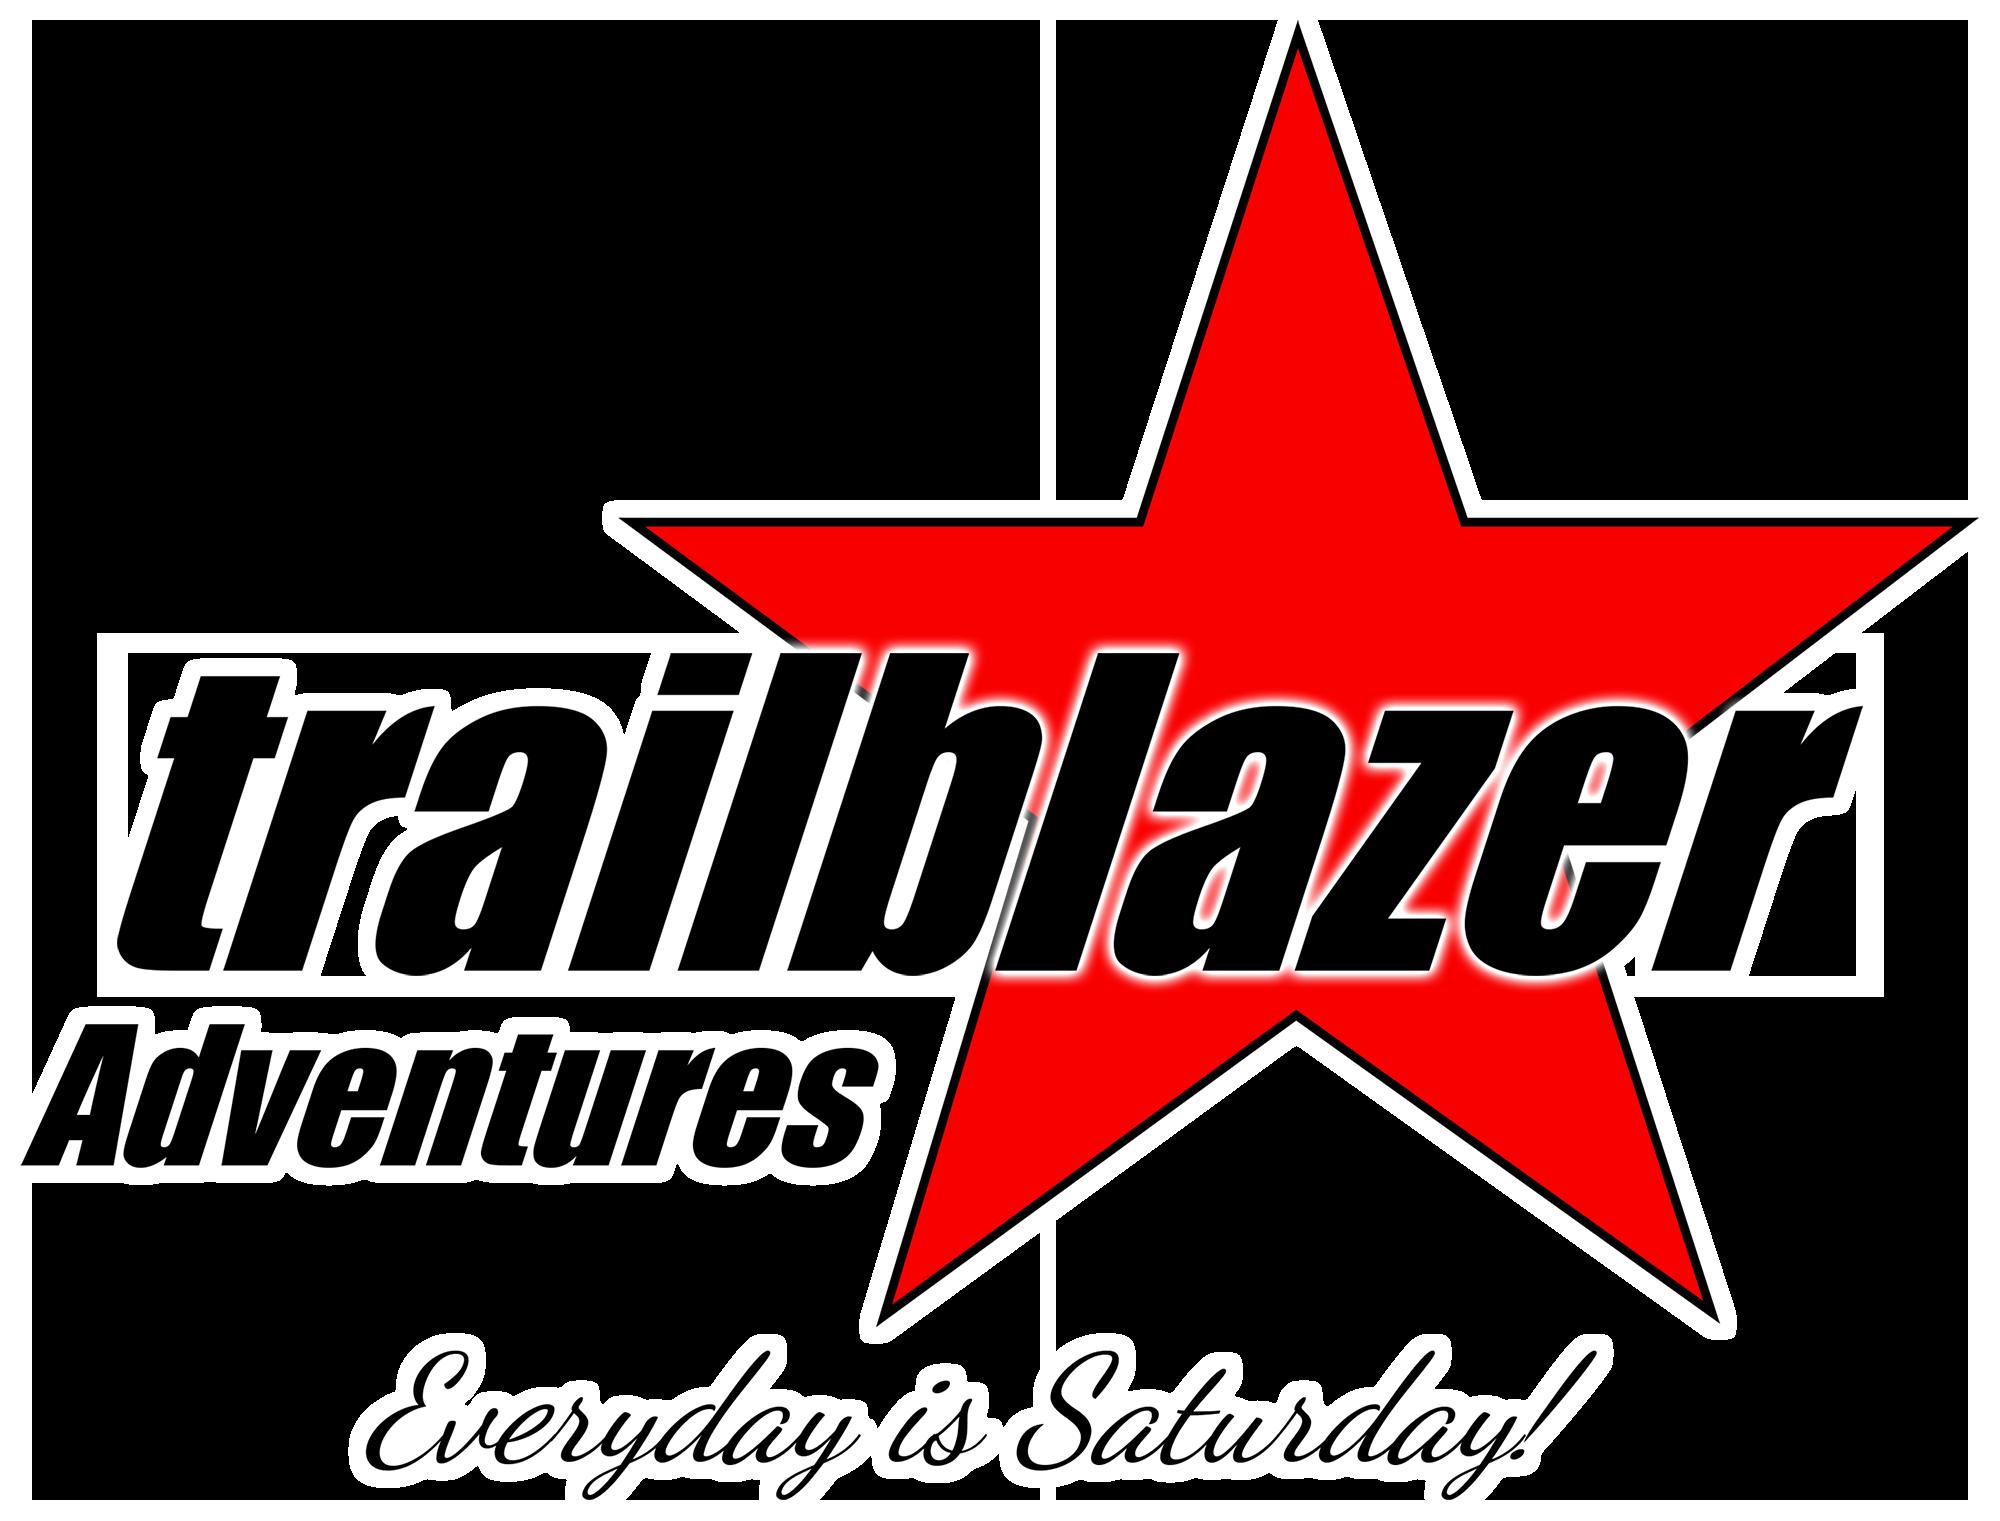 Trailblazeradventures